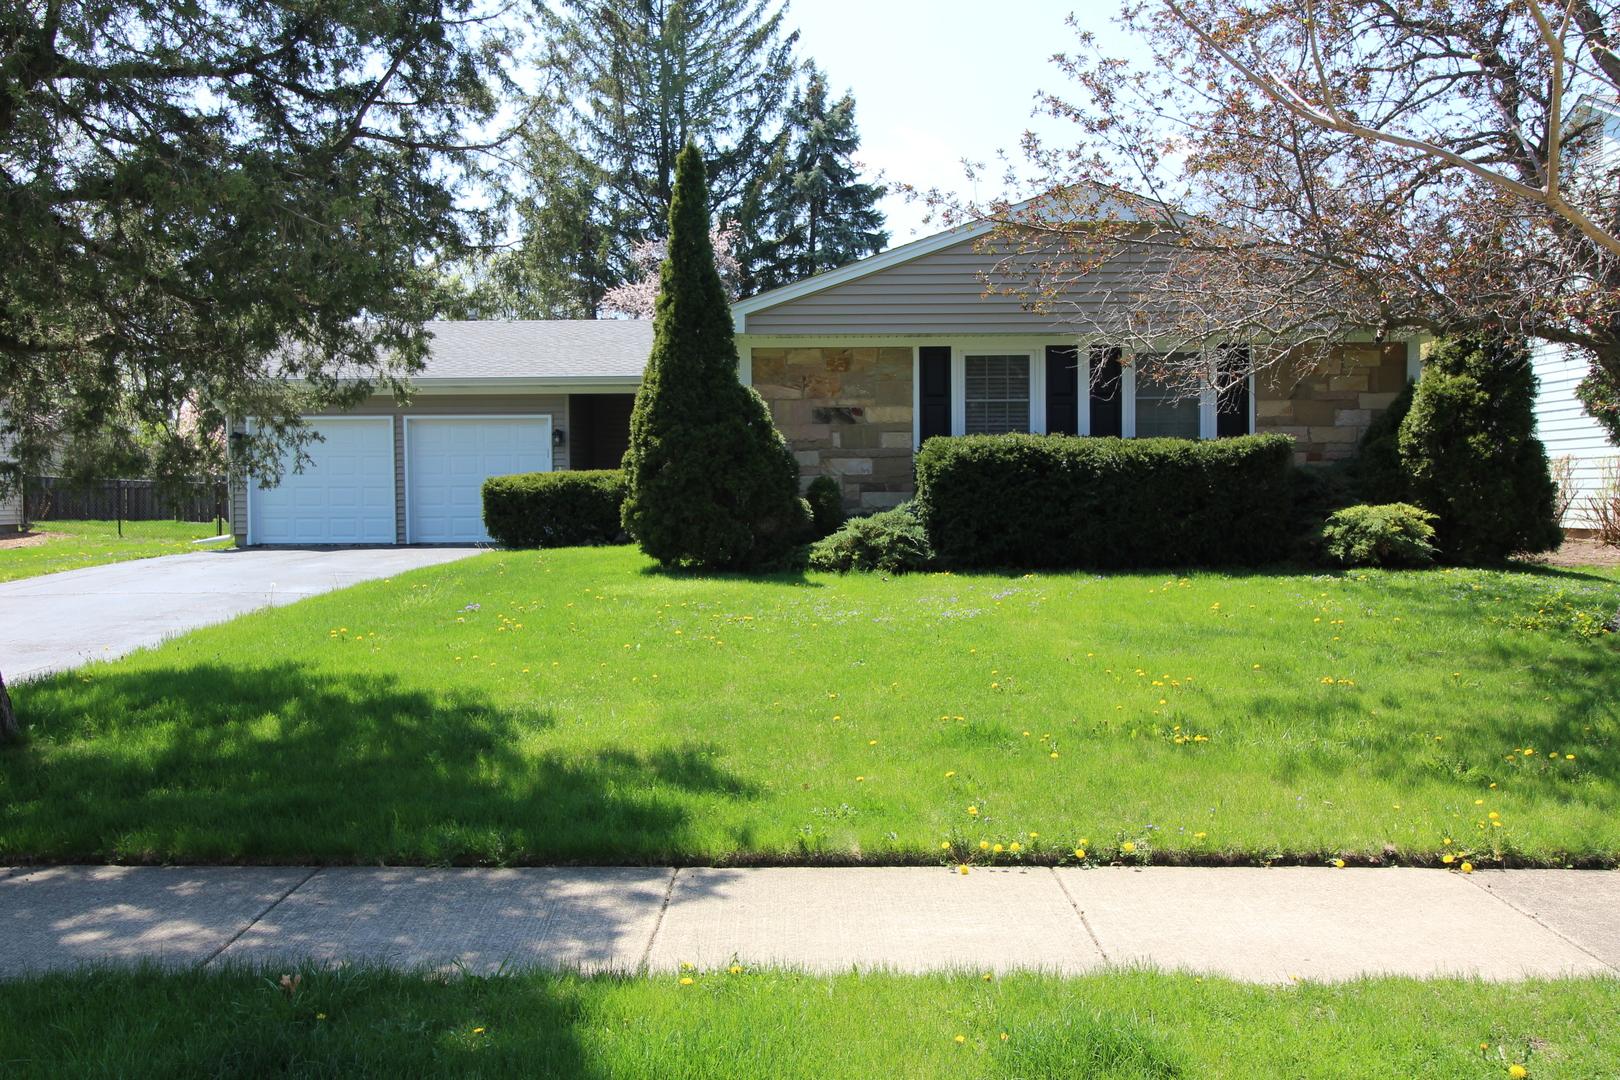 421 Arborgate Lane, Buffalo Grove in Lake County, IL 60089 Home for Sale